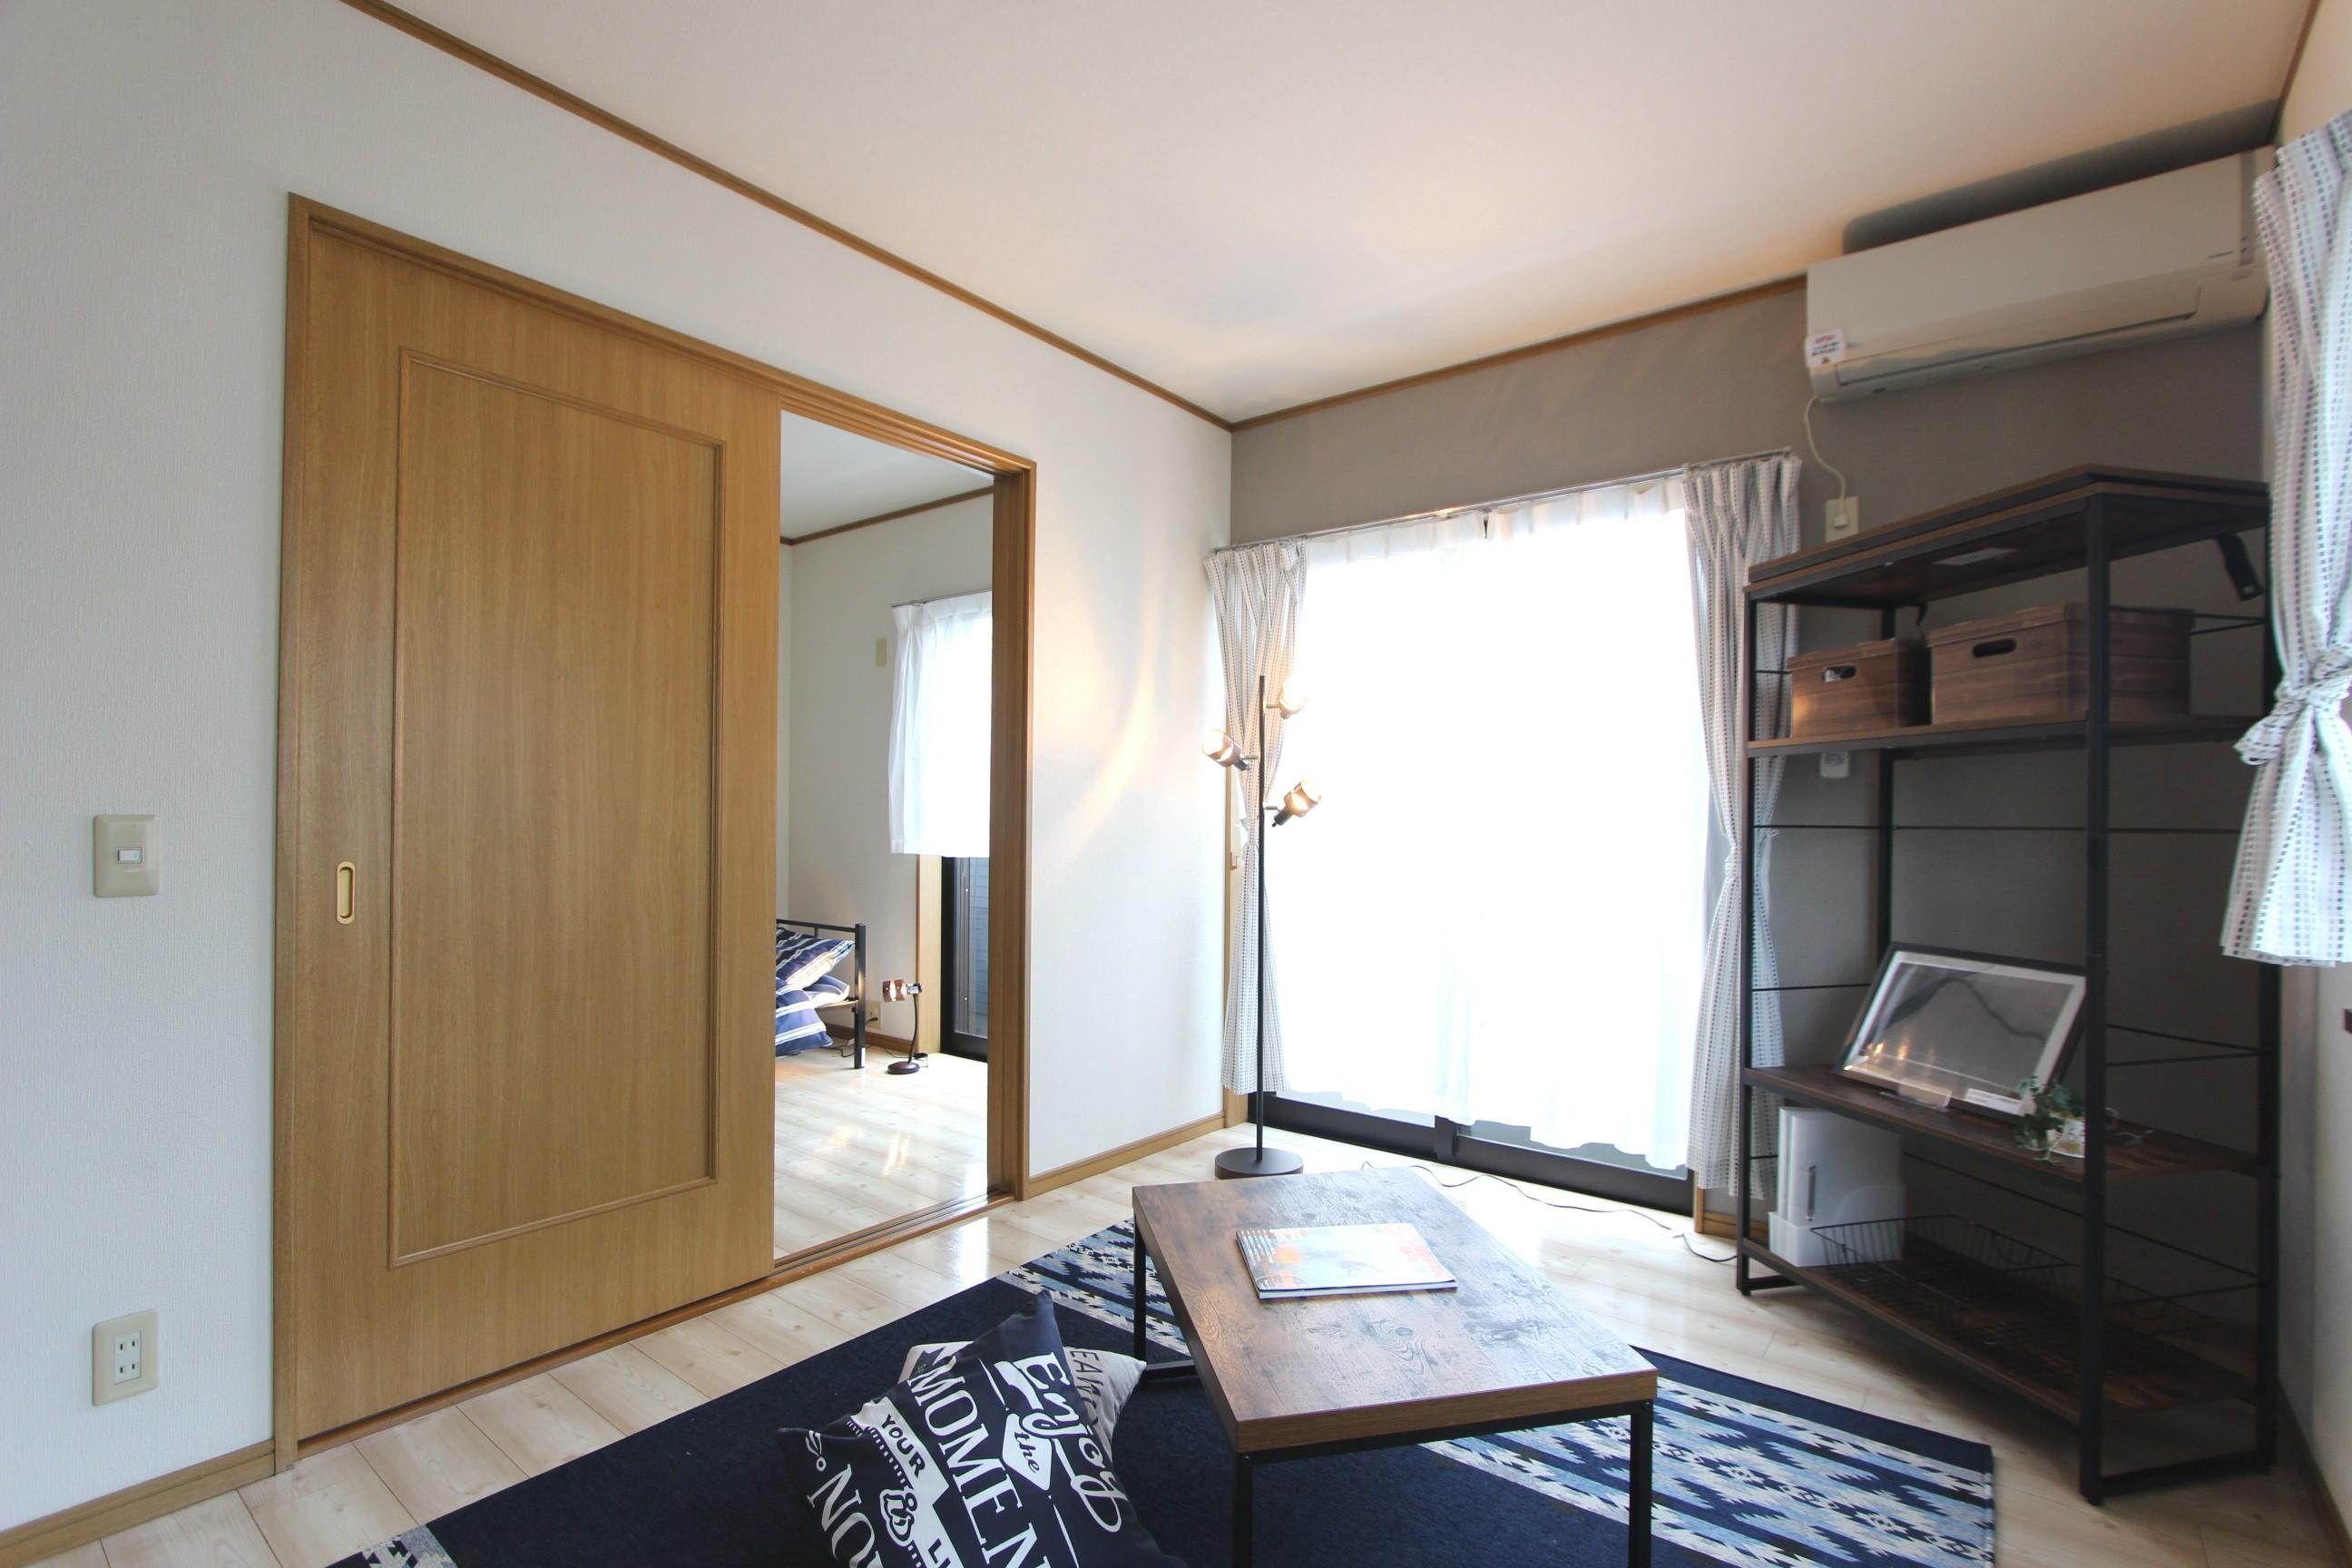 厚木市戸室「ラミアカーサ」のサムネイル